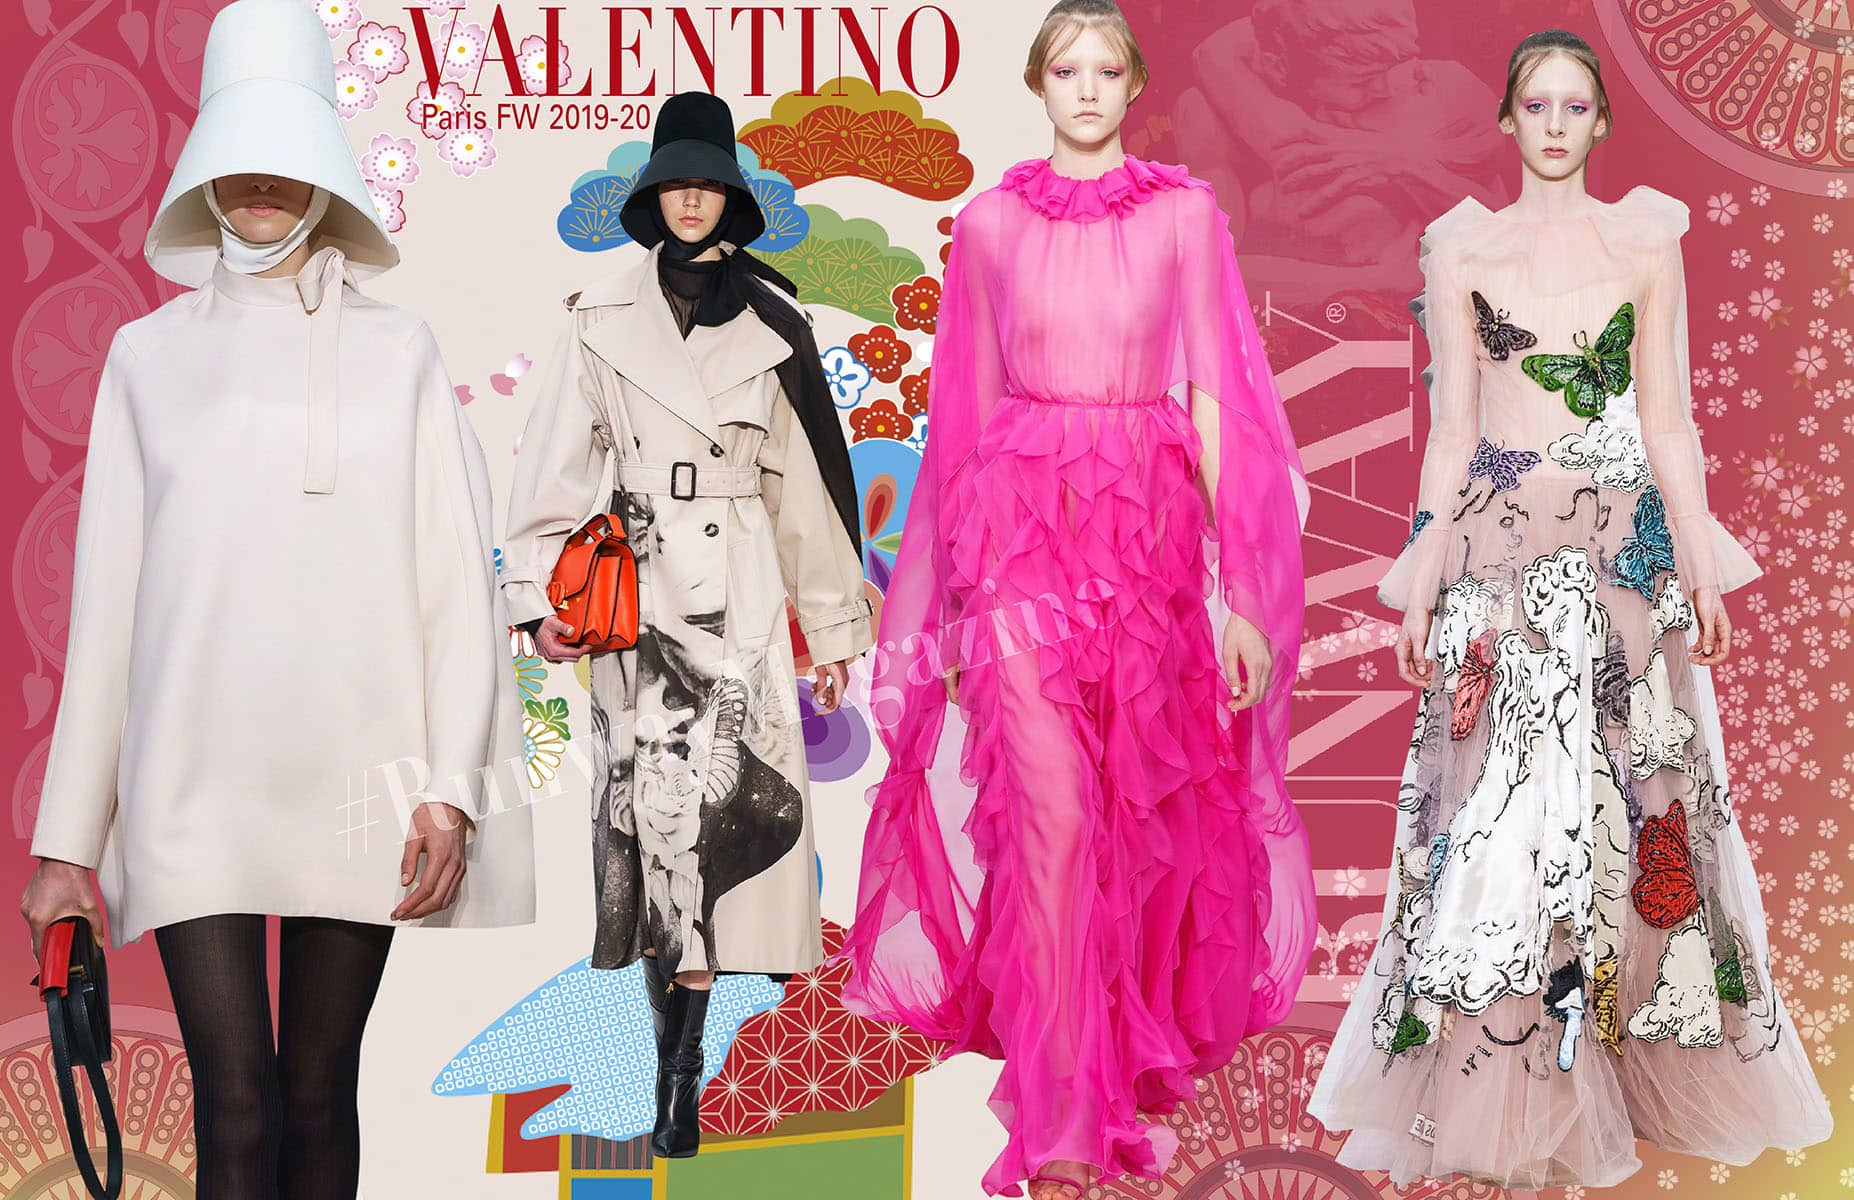 Valentino Fall-Winter 2019-2020 Paris by RUNWAY MAGAZINE